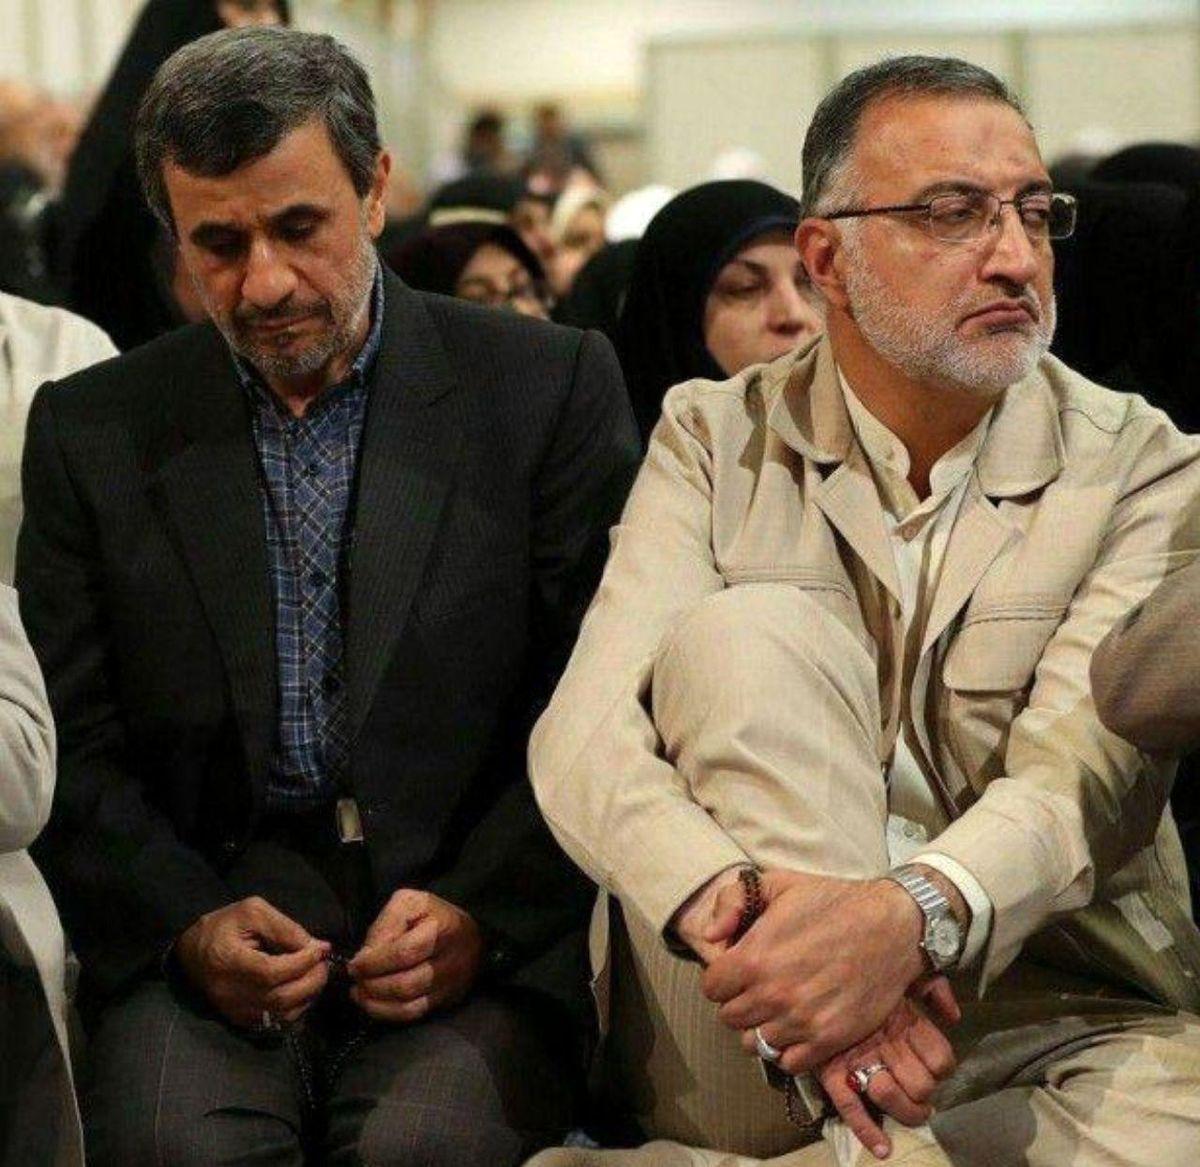 زاکانی: محرز است که احمدینژاد تایید صلاحیت نخواهد شد